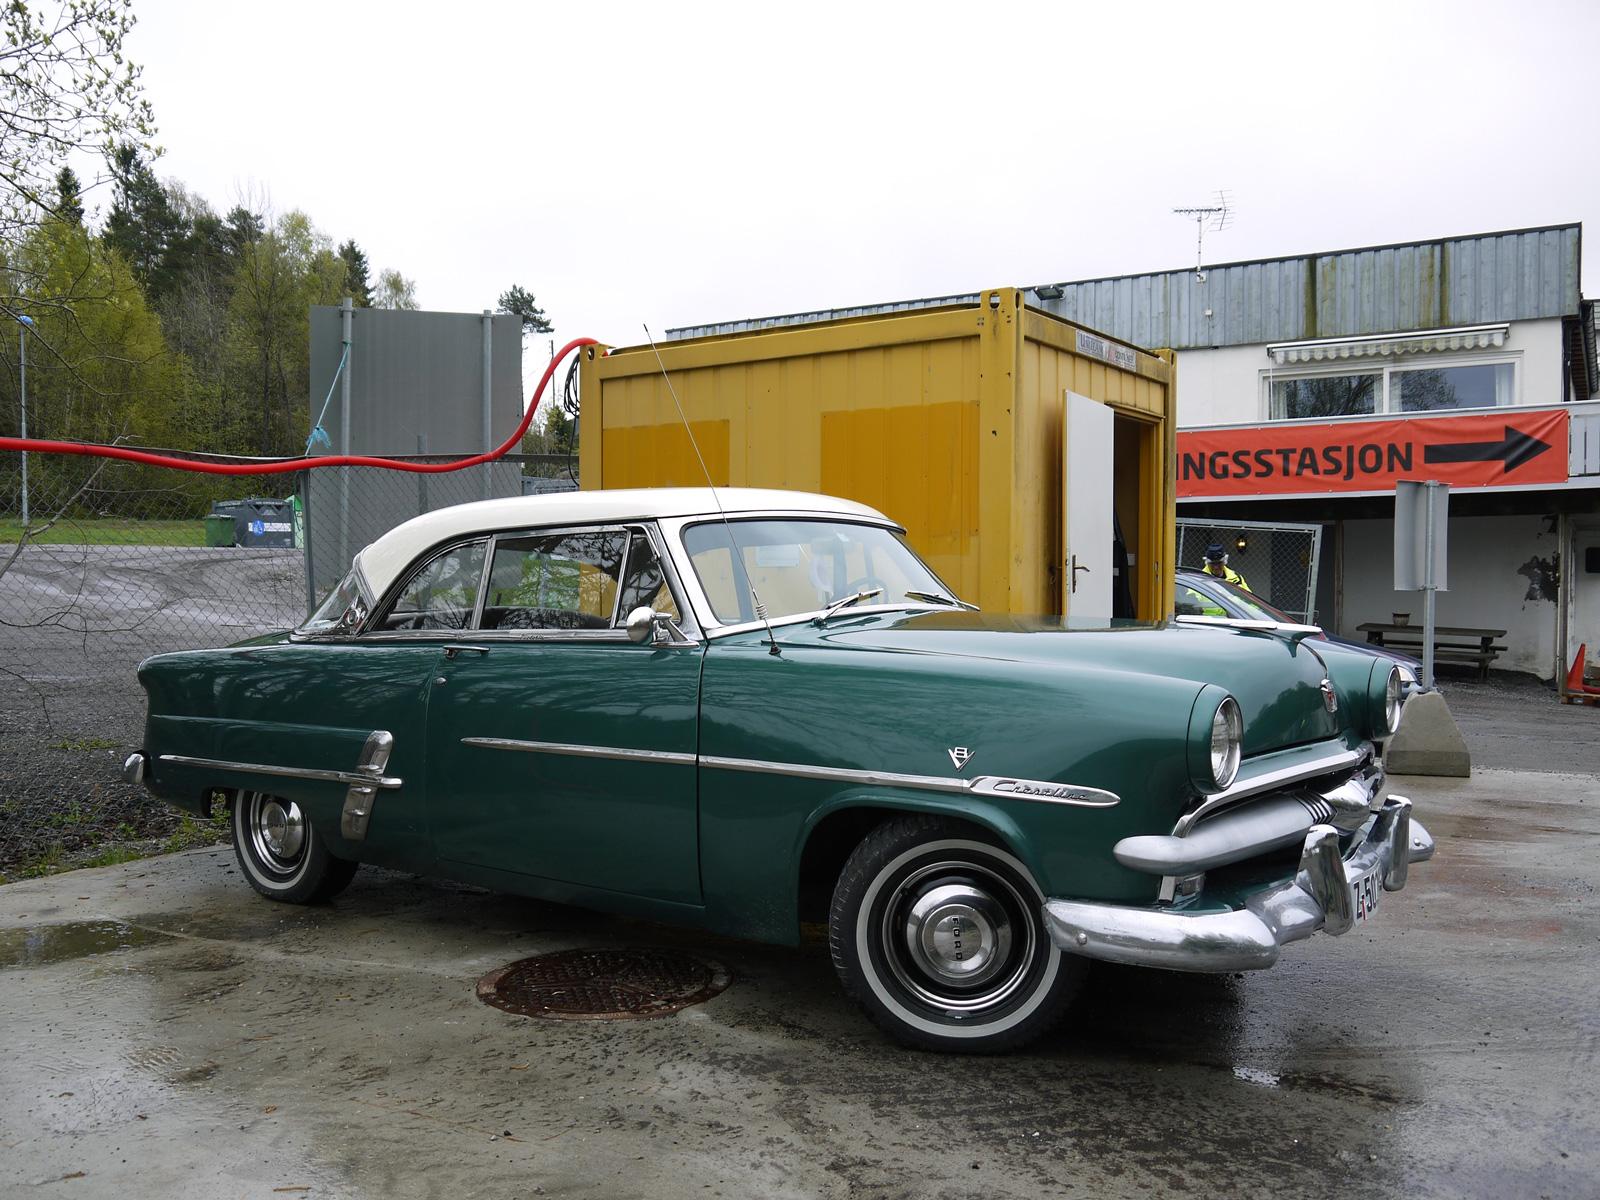 1953 Ford Crestline Victoria Classic american car Oslo Norway